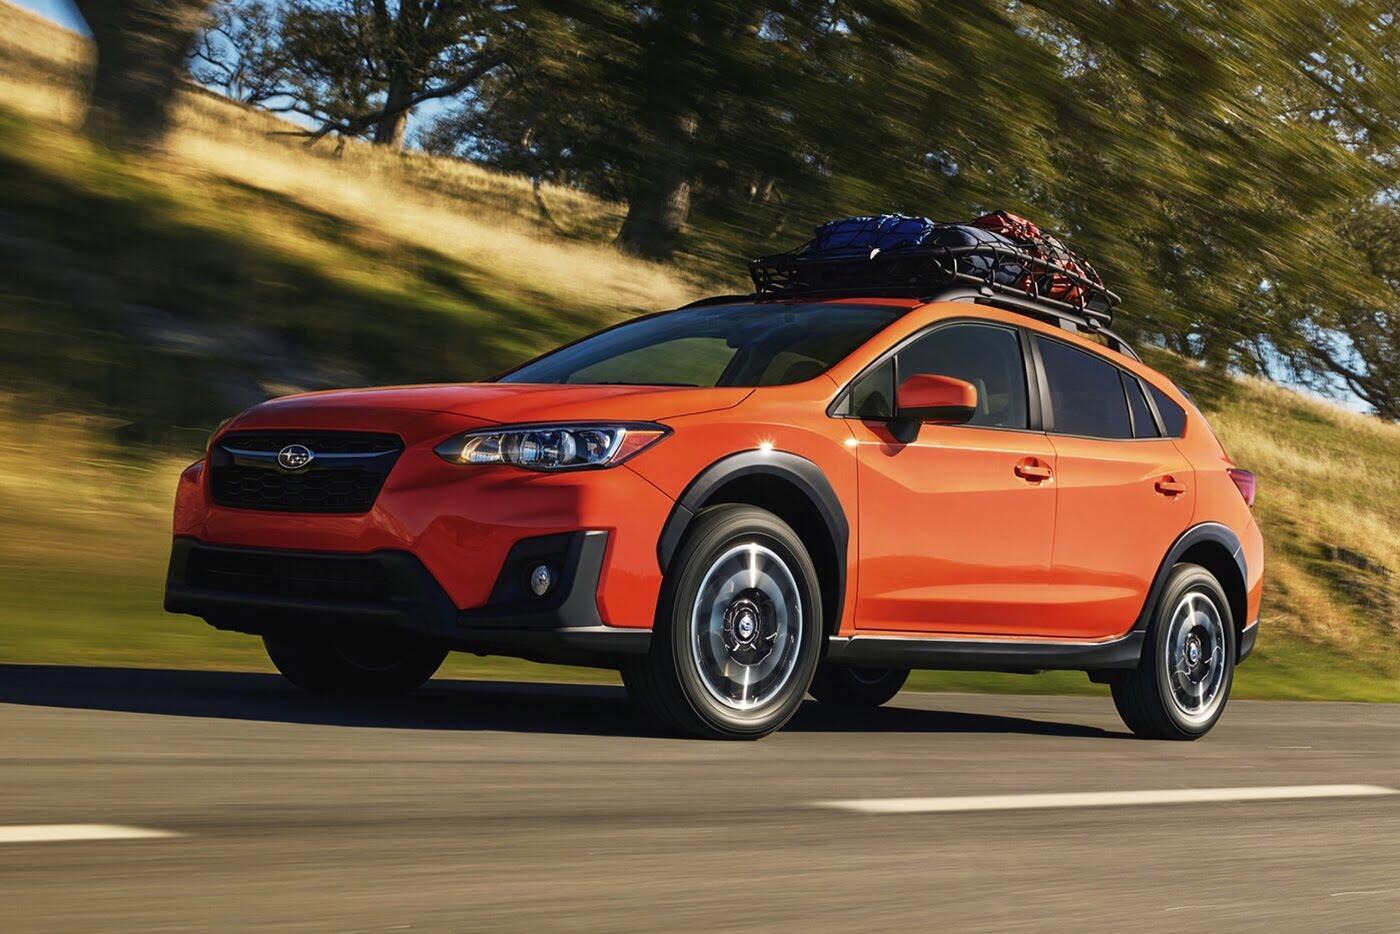 Tò mò ngắm đối thủ của Honda CR-V - Hình 1